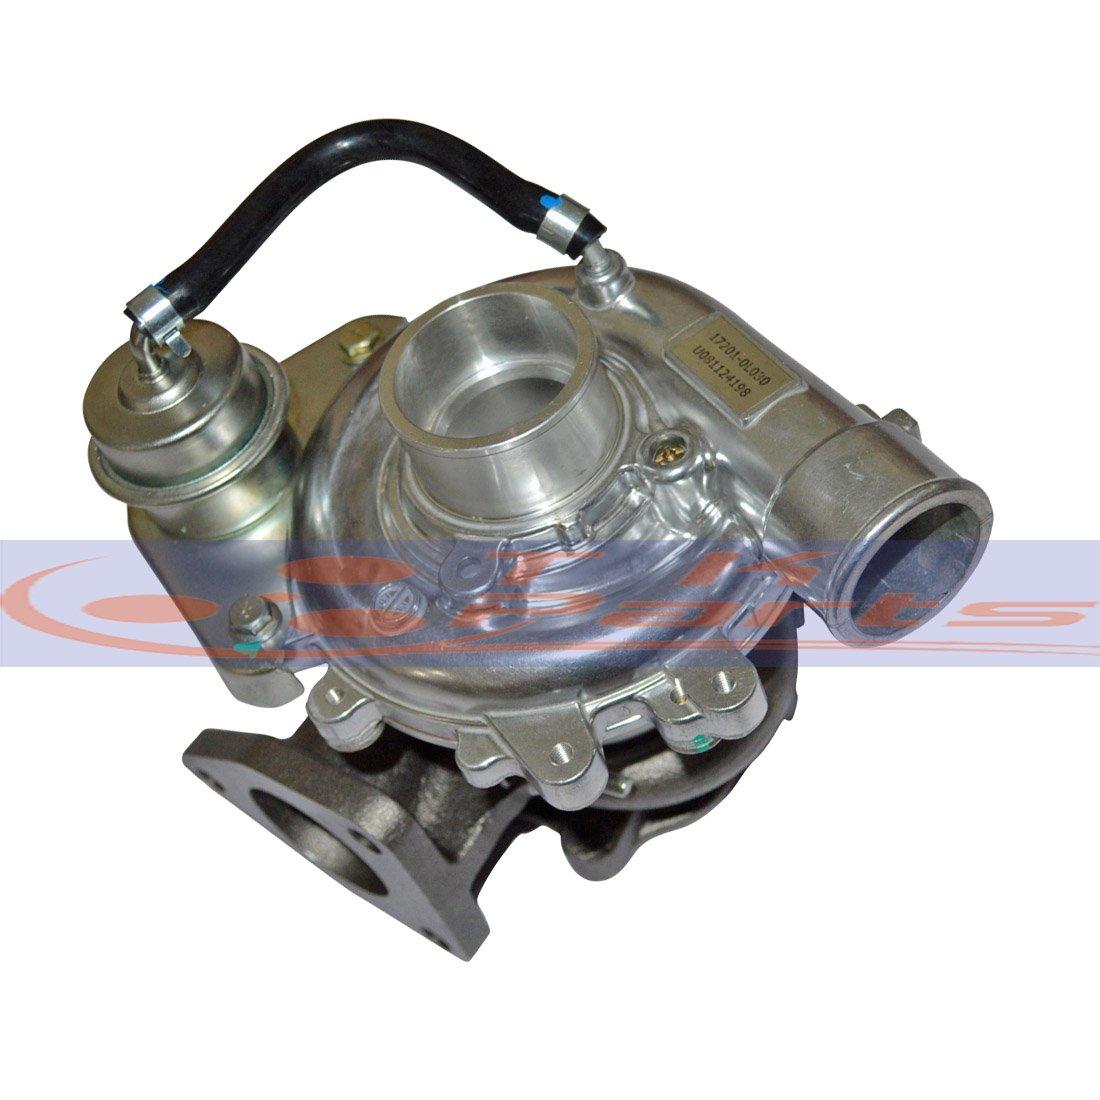 tkparts nuevo CT16 17201-ol030 Cargador de Turbo para Toyota Hilux Vigo D4D Engine 2 KD 2 kd-ftv 2 kdftv 2,5 D: Amazon.es: Coche y moto